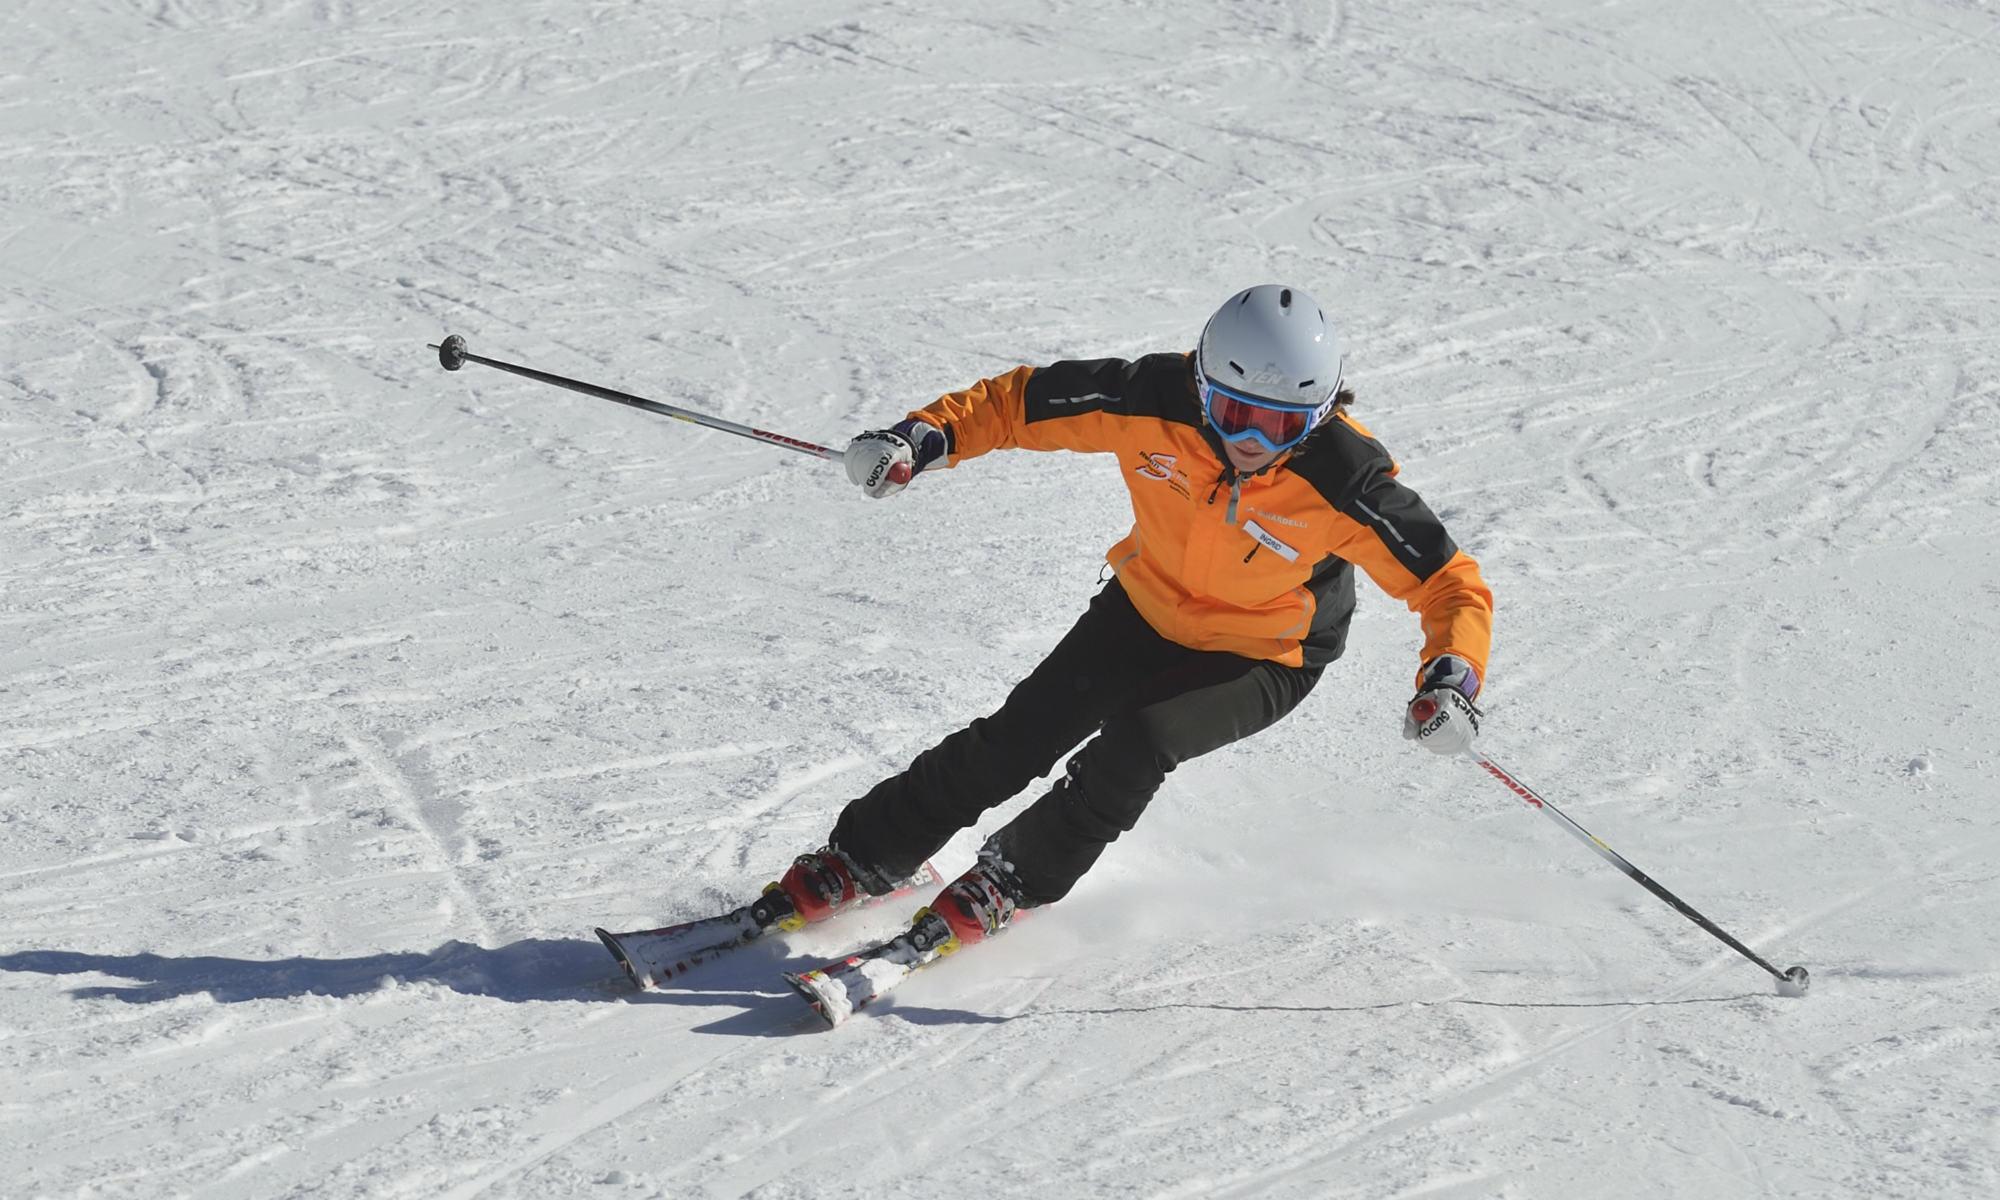 Das alpine Fahrverhalten mit richtiger Körperhaltung.